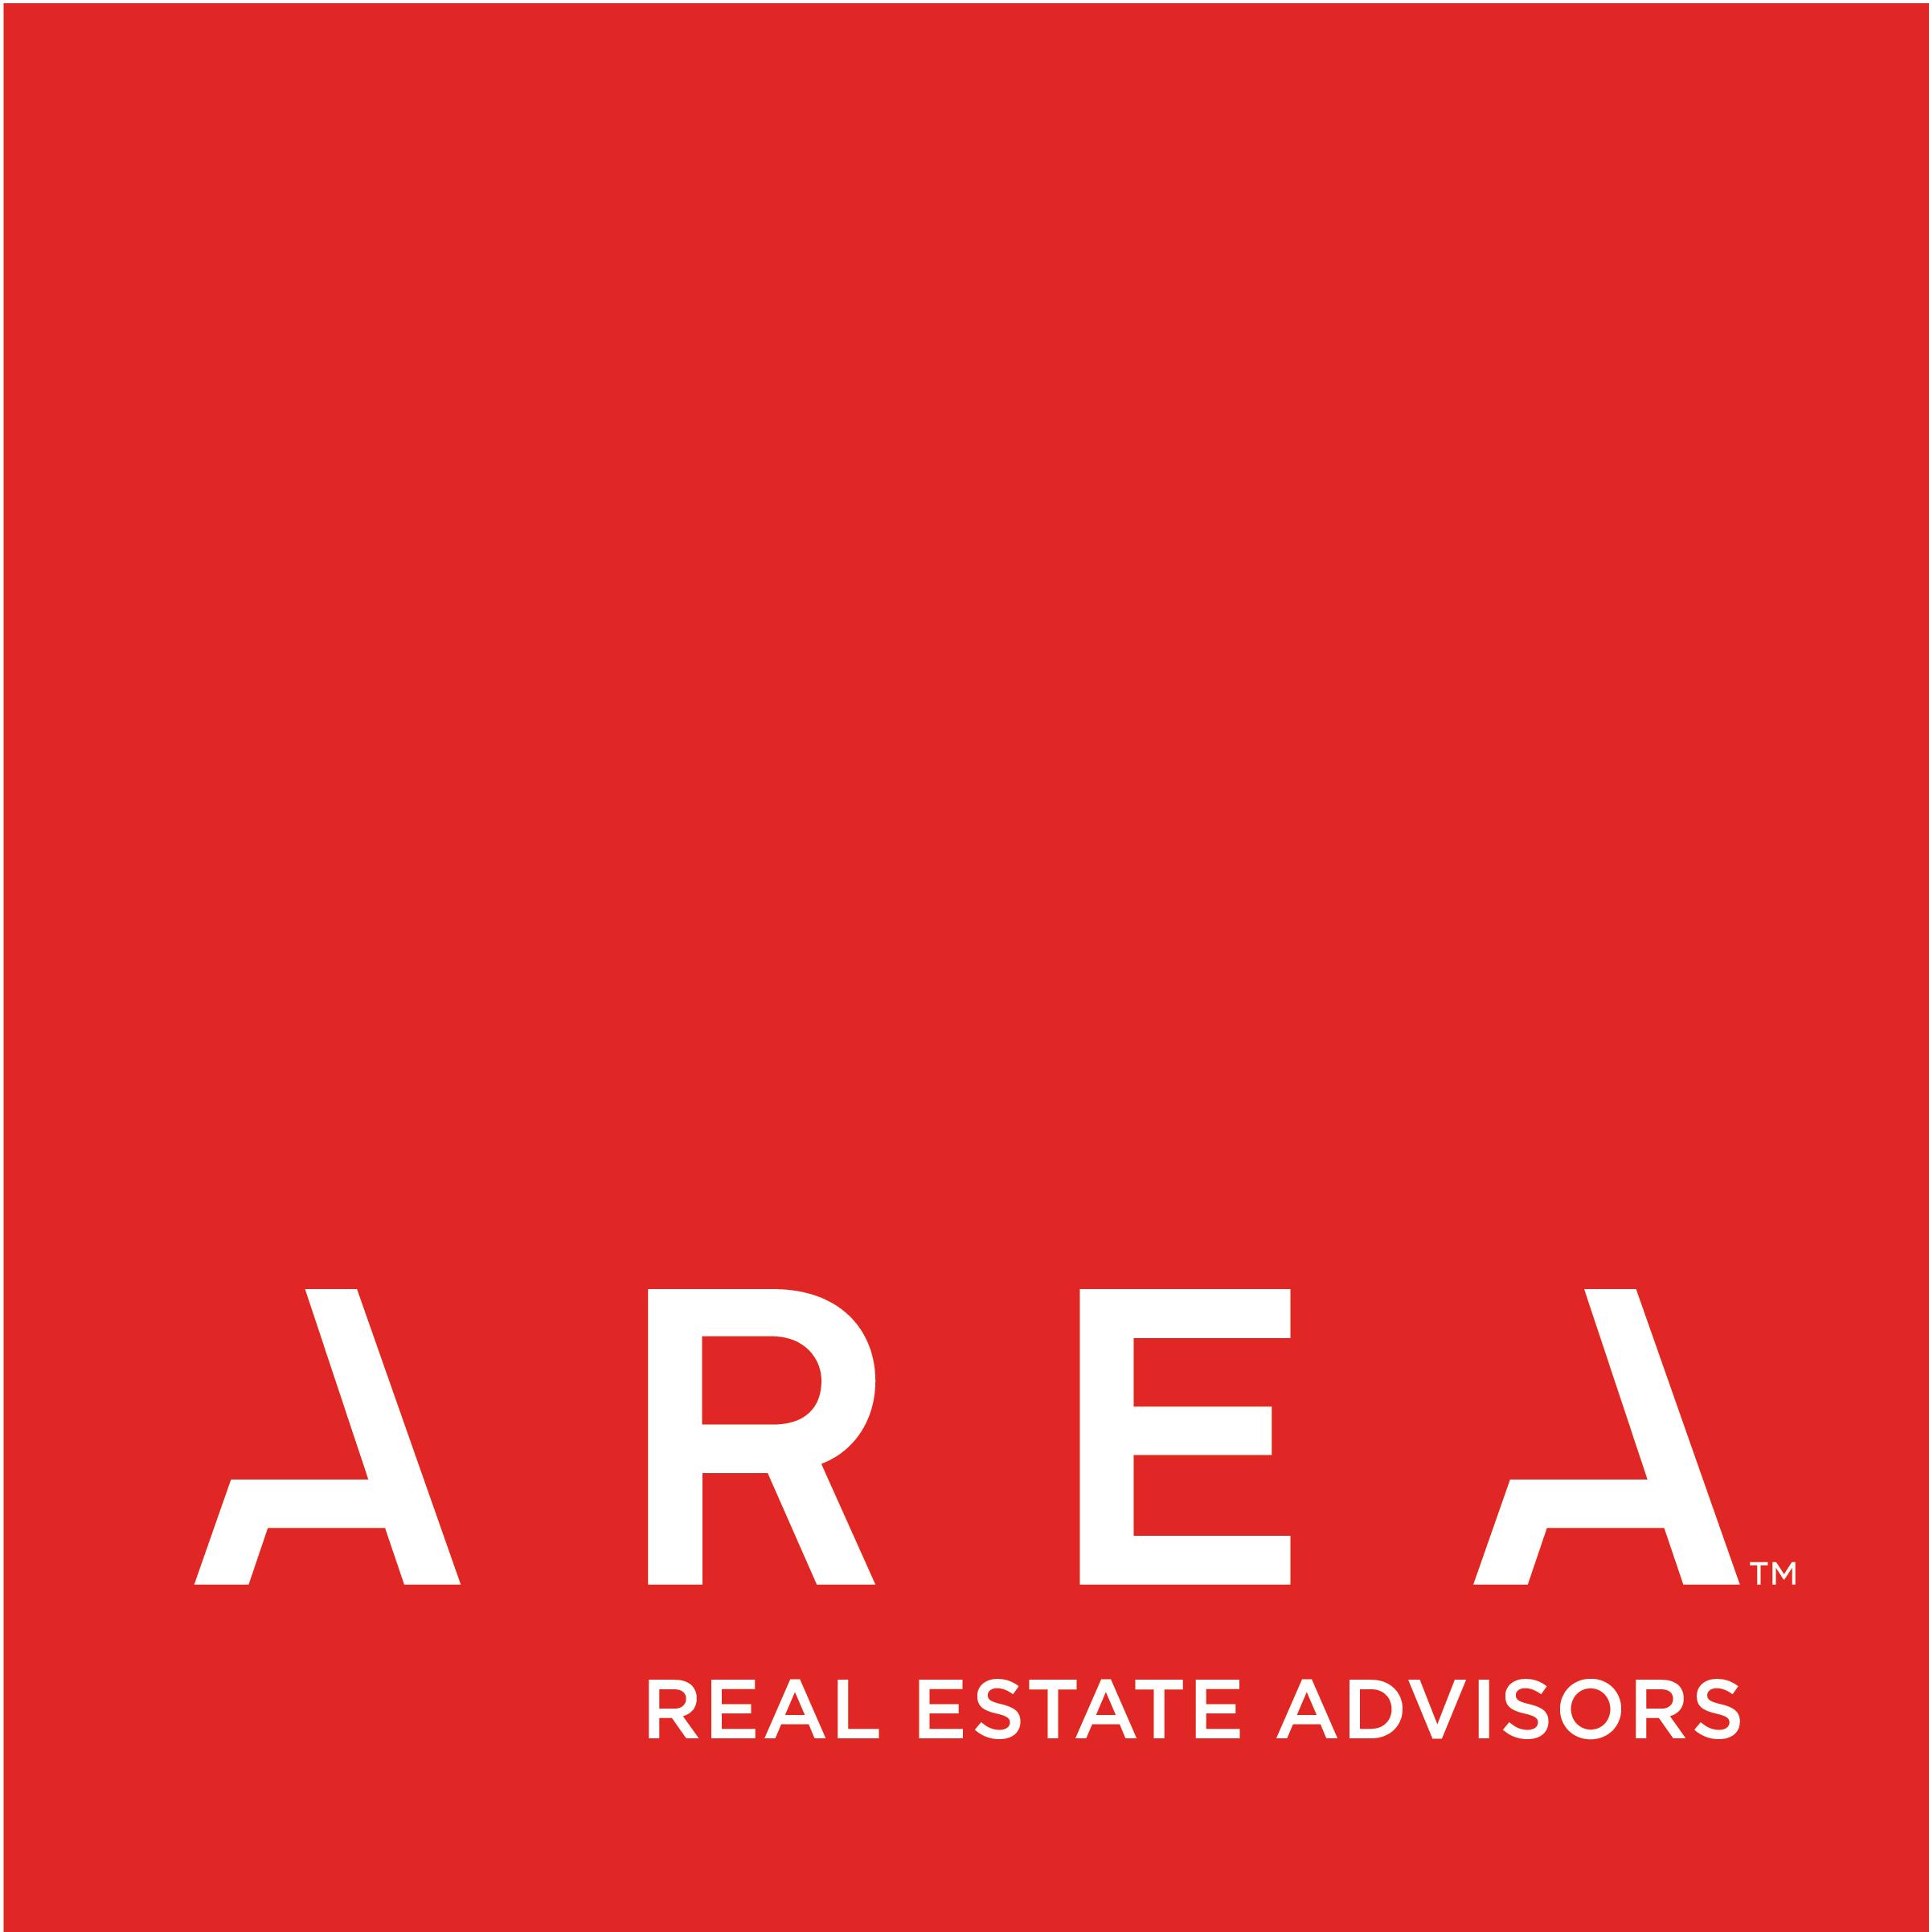 Area-min